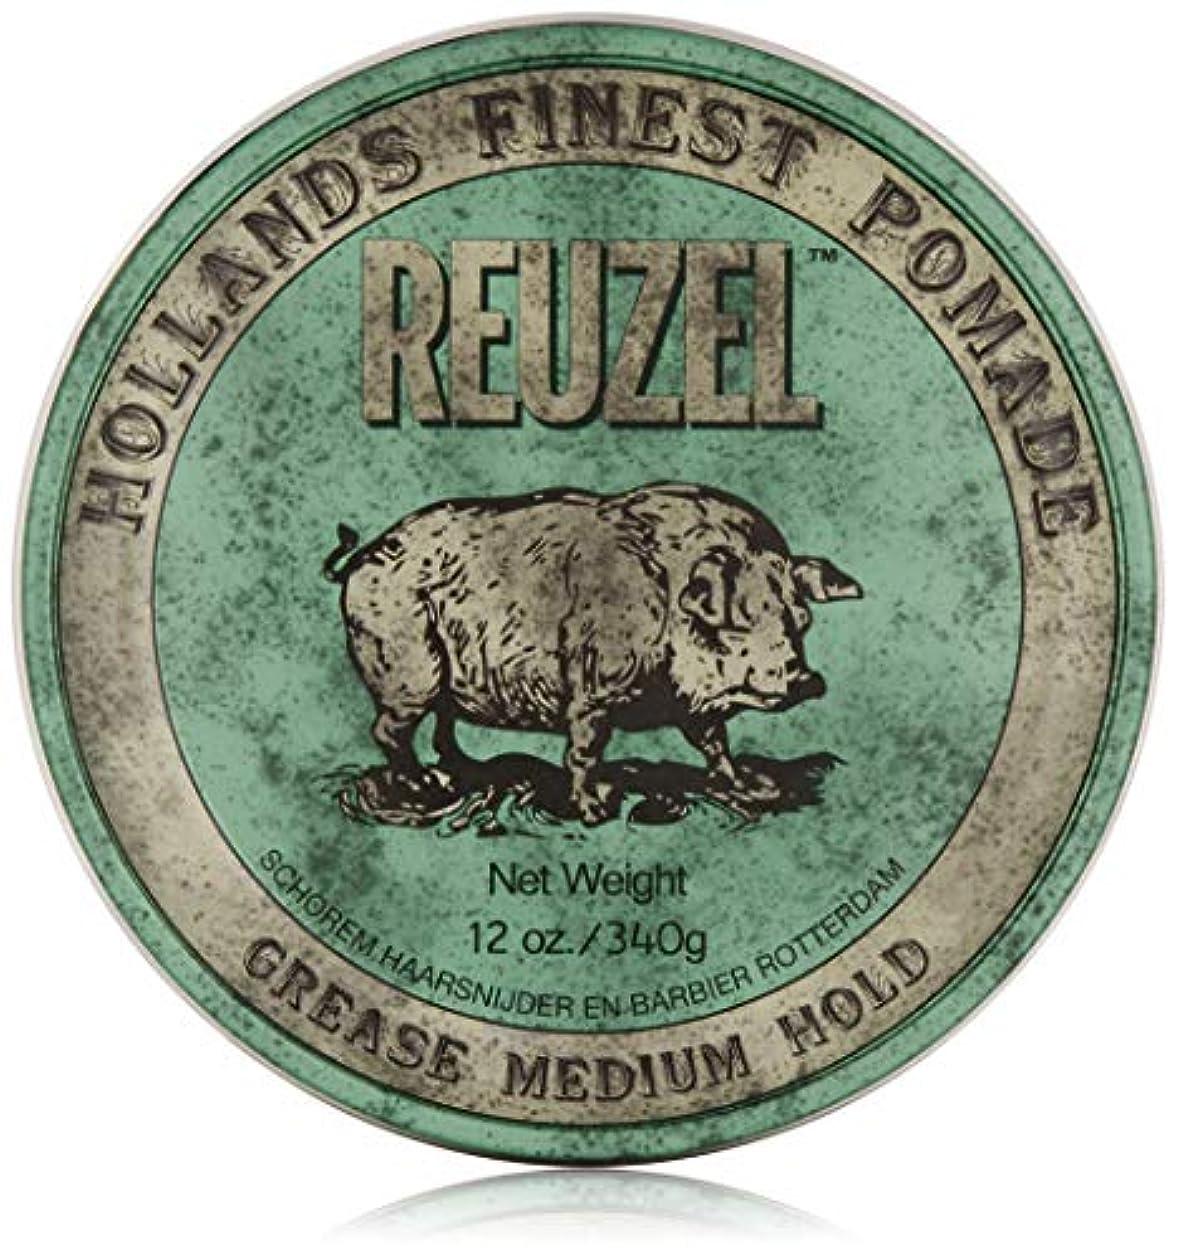 救急車適度に世界記録のギネスブックREUZEL Grease Medium Hold Pomade Hog, Green, 12 oz. by REUZEL